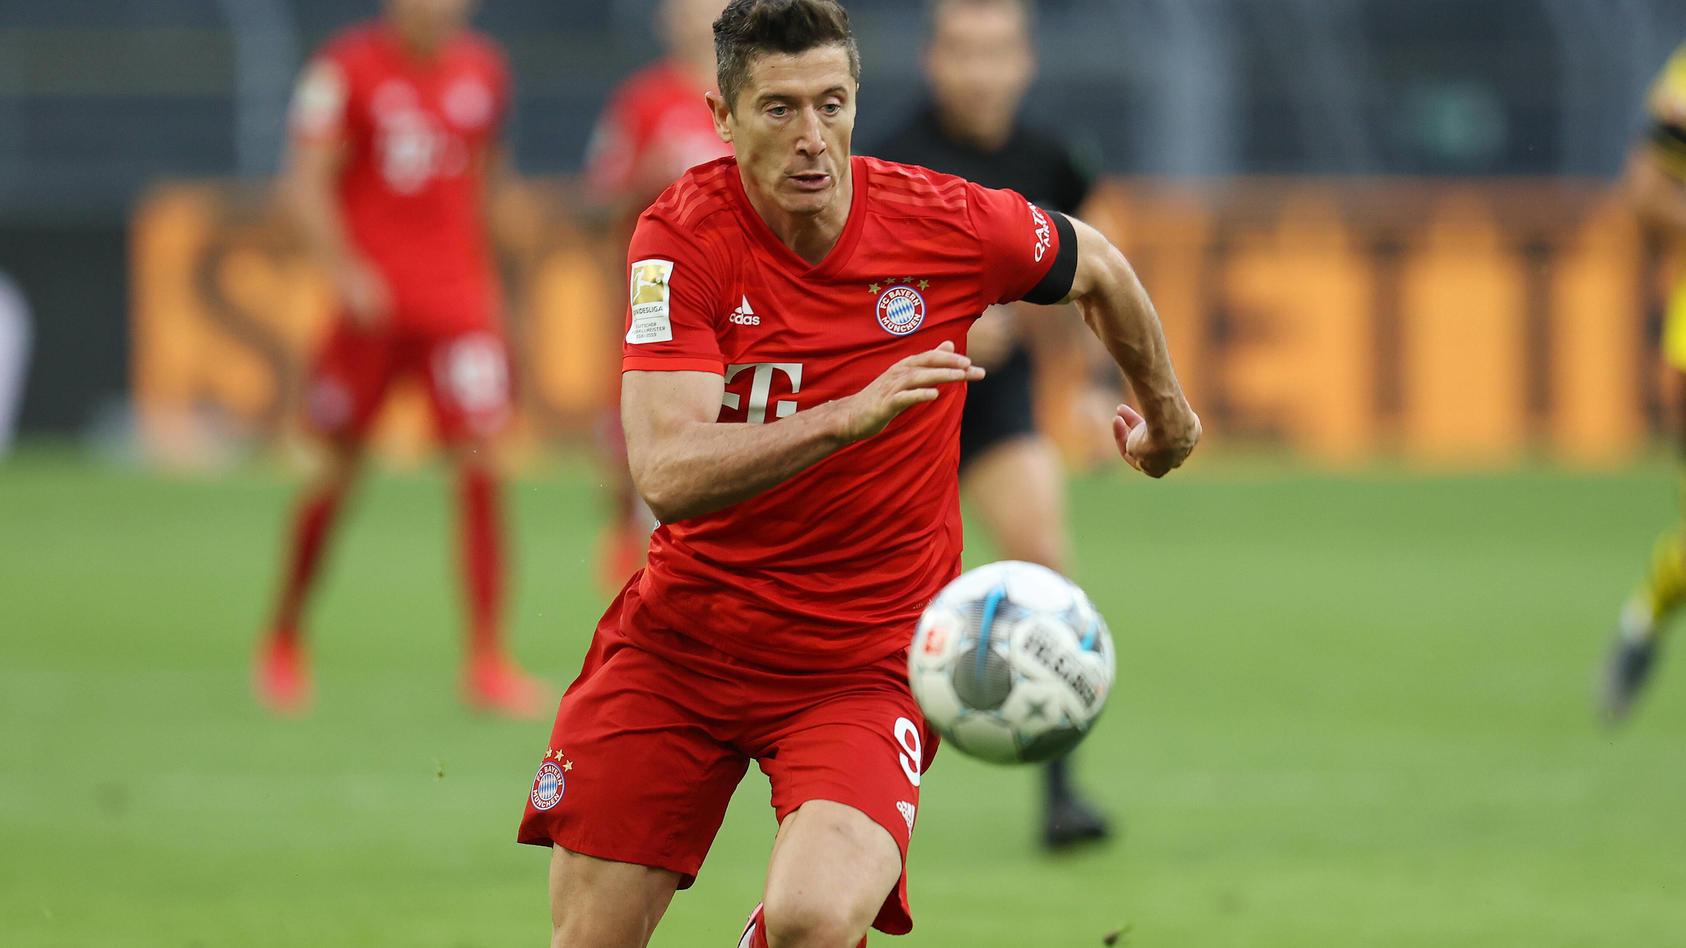 Fussball: 1. Bundesliga: Saison 19/20: 28. Spieltag: Borussia Dortmund - FC Bayern München, Einzelaktion , Robert Lewan